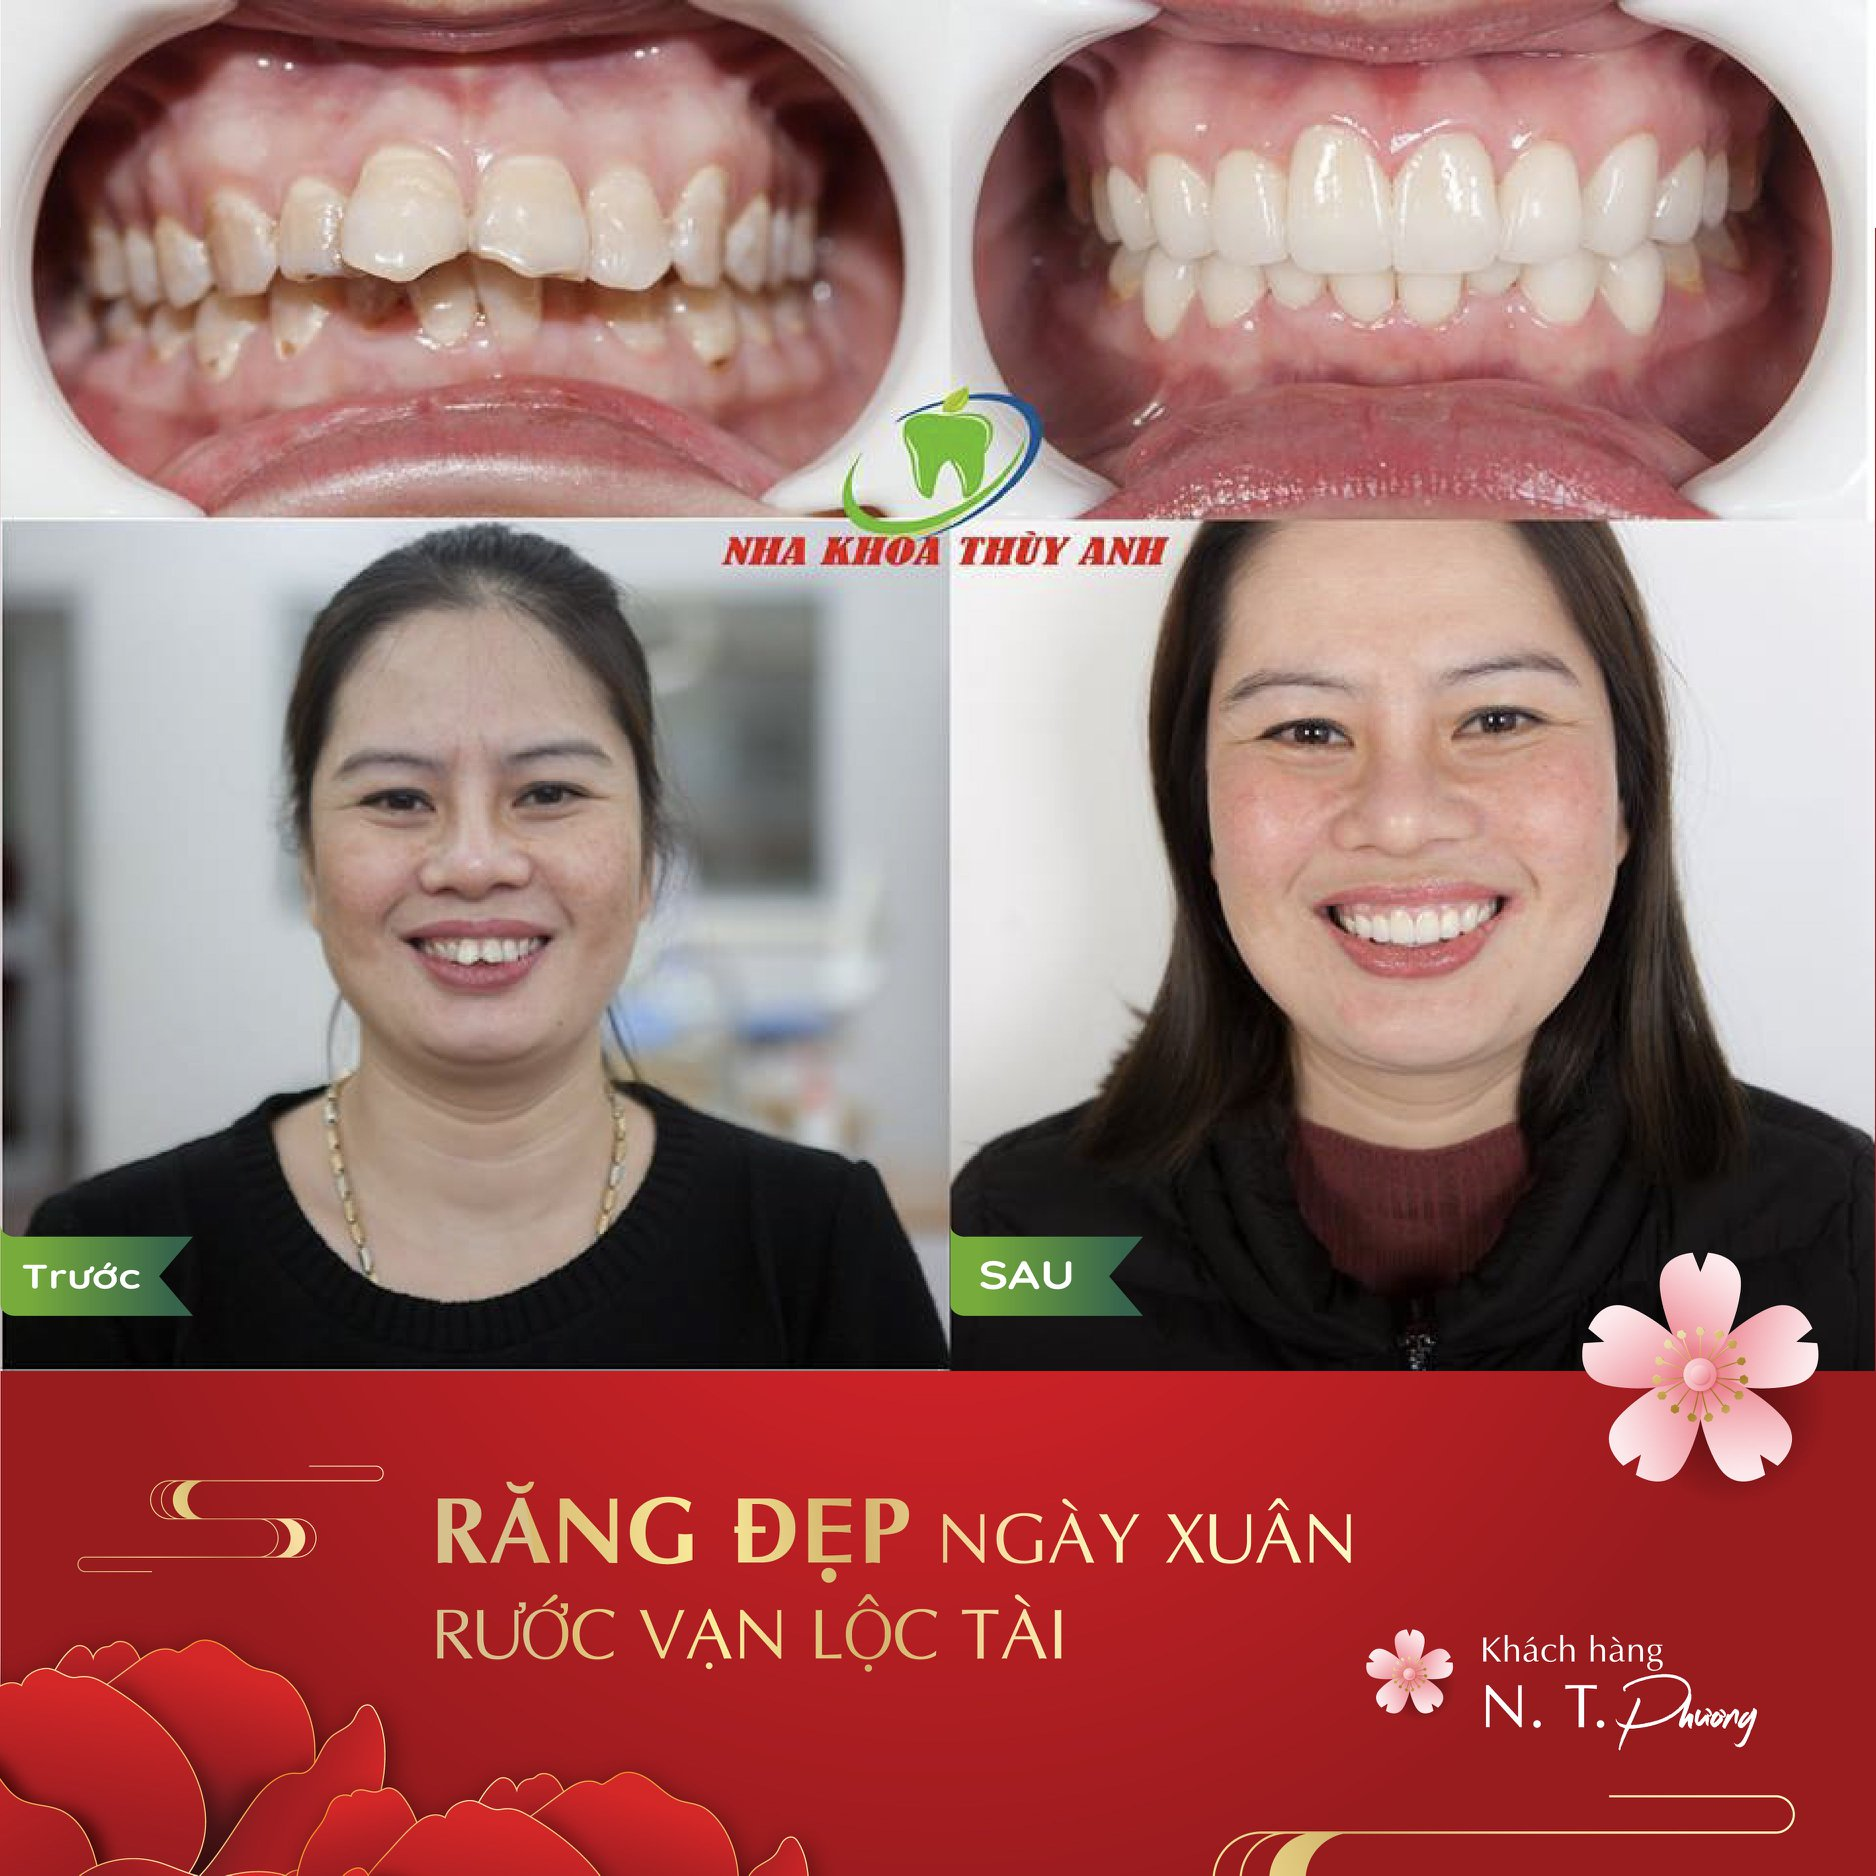 Những cách chăm sóc sau khi làm răng sứ đảm bảo độ bền trọn đời